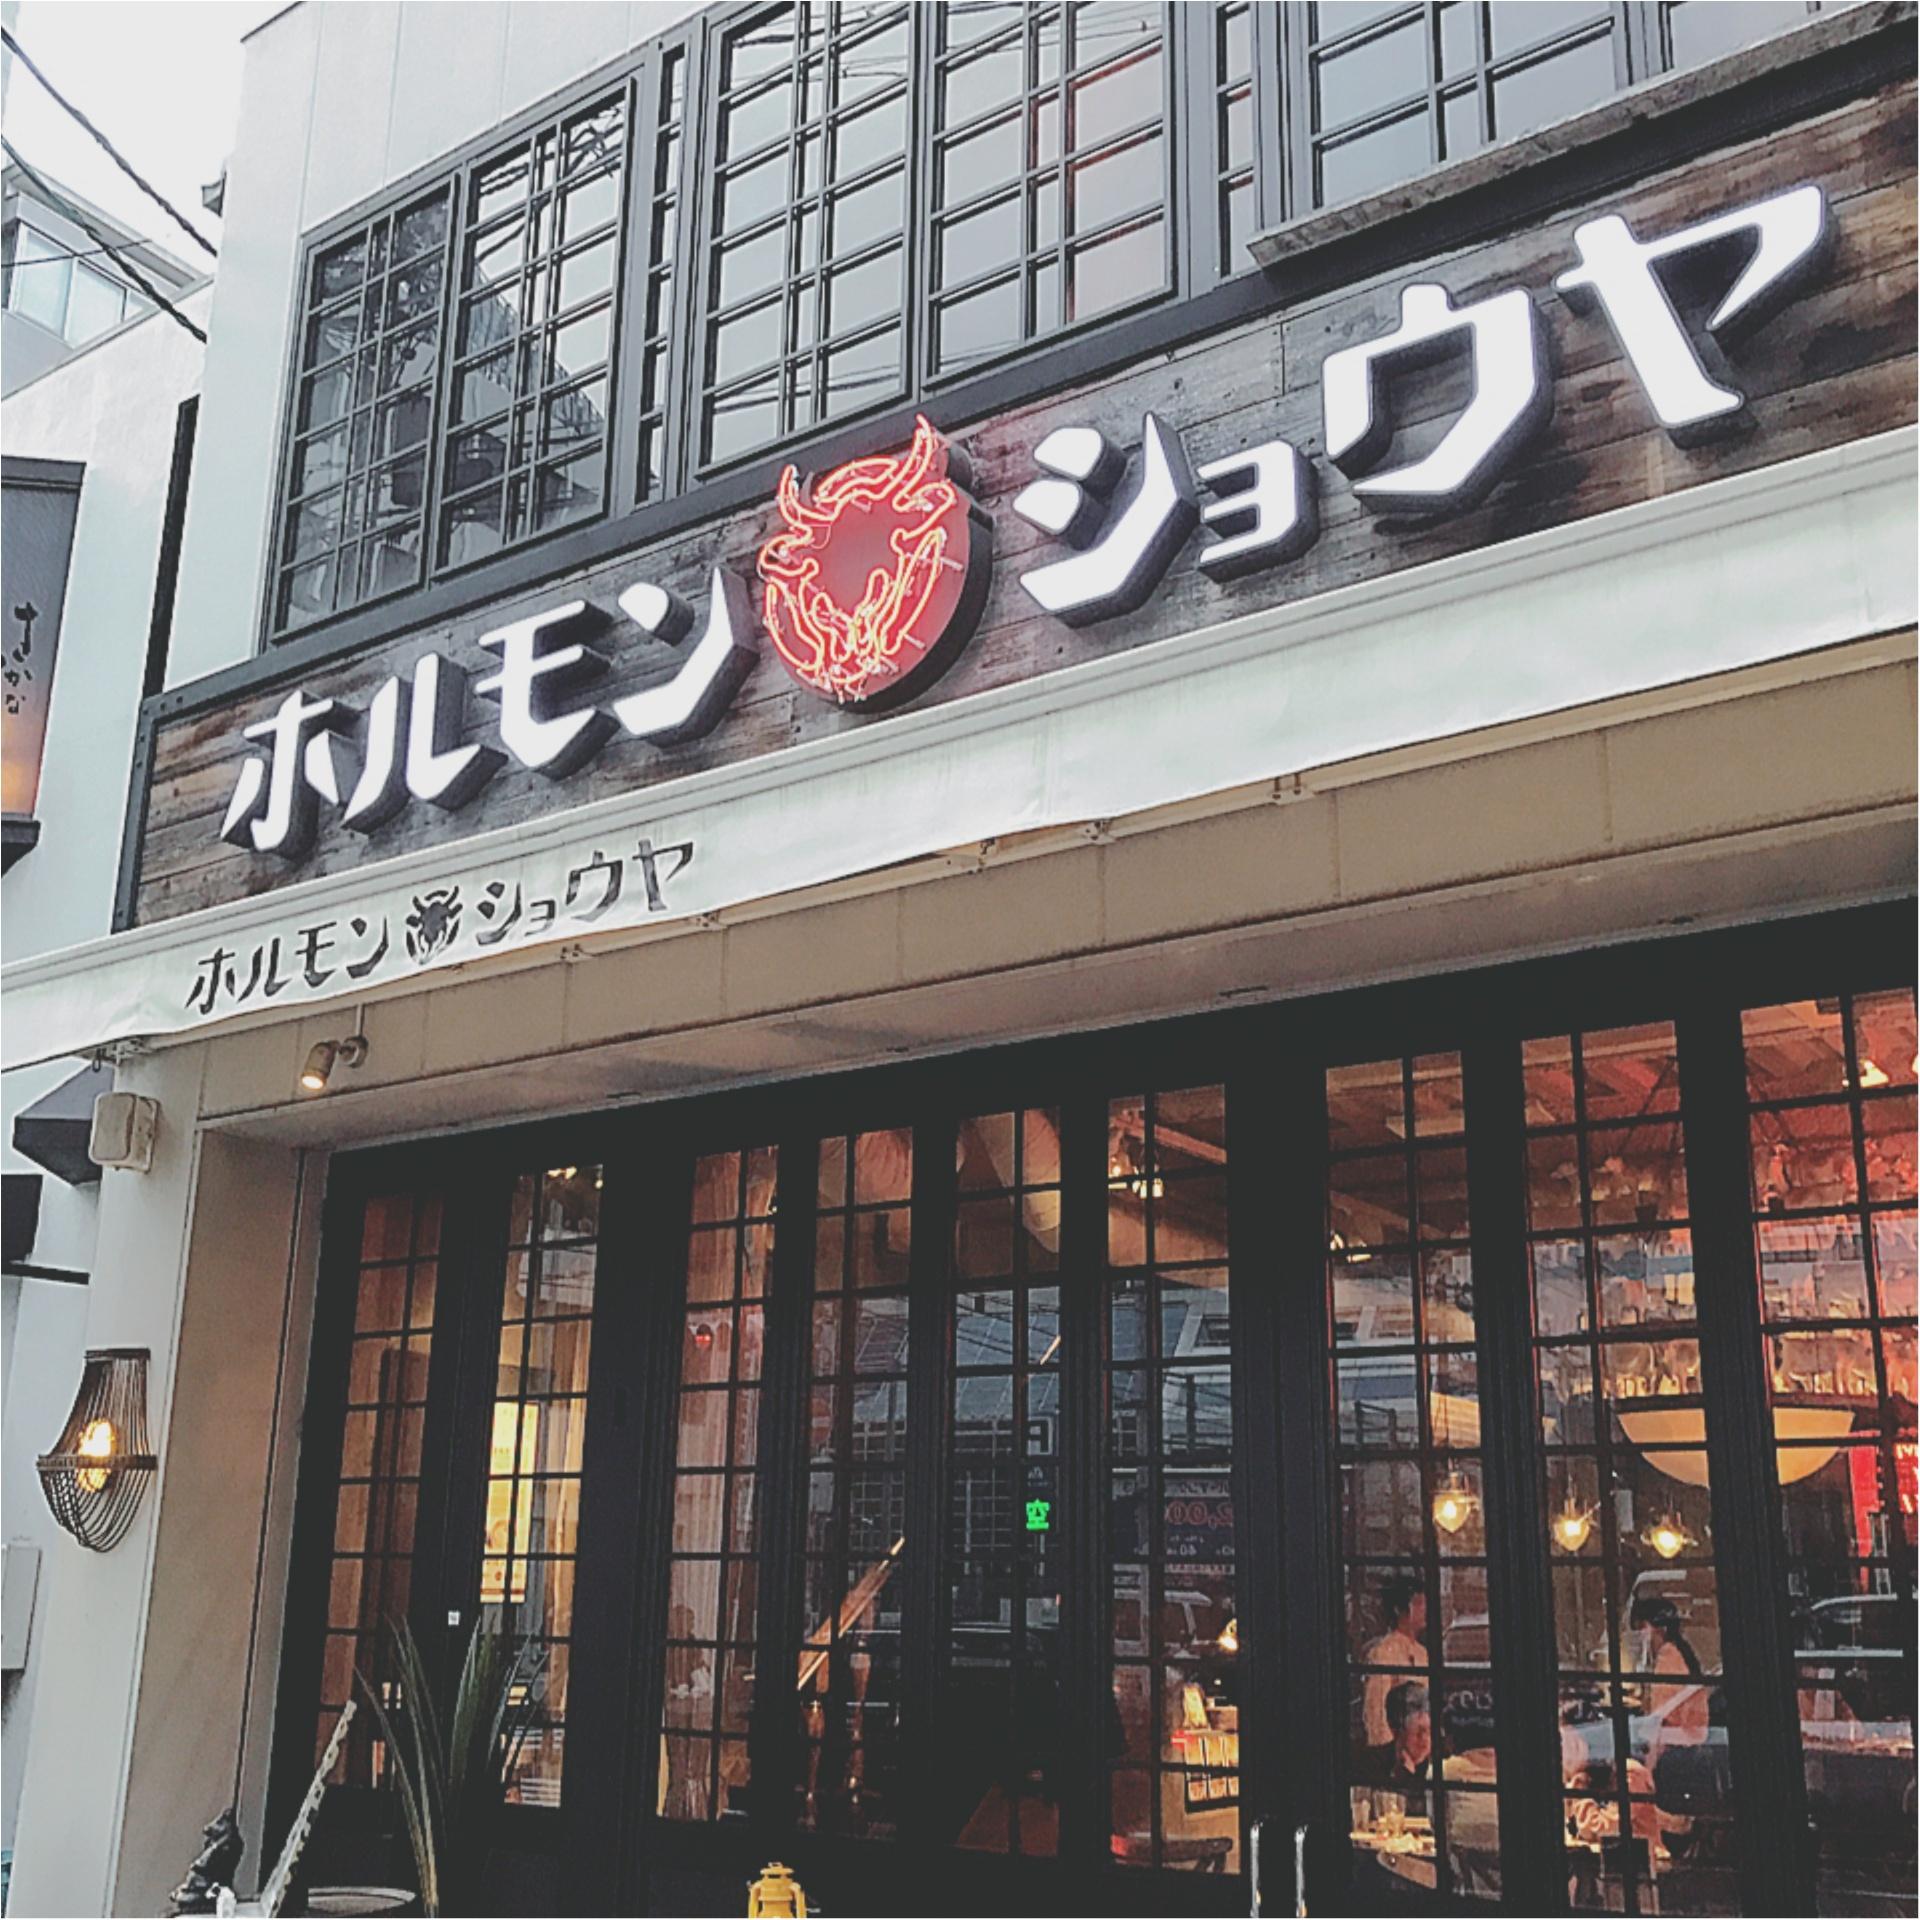 ★来たる、歓送迎会シーズン!名古屋で開くならここがオススメ☝︎『那古野町エリア』で三次会まで楽しんで★_1